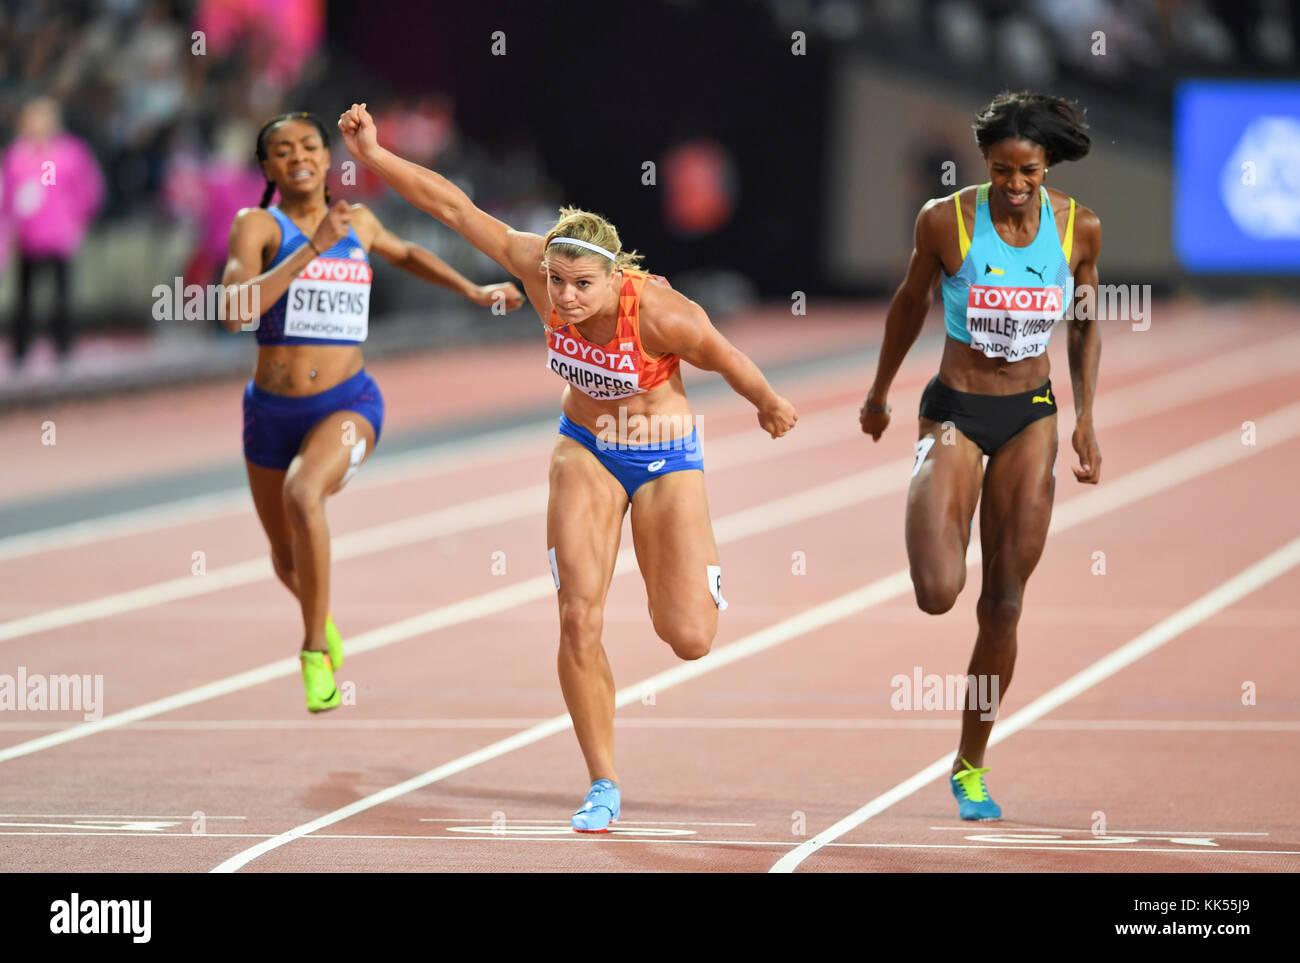 Dafne Schippers - 200m mujeres - Medalla de Oro en el Campeonato del Mundo de la IAAF de Londres 2017 Imagen De Stock